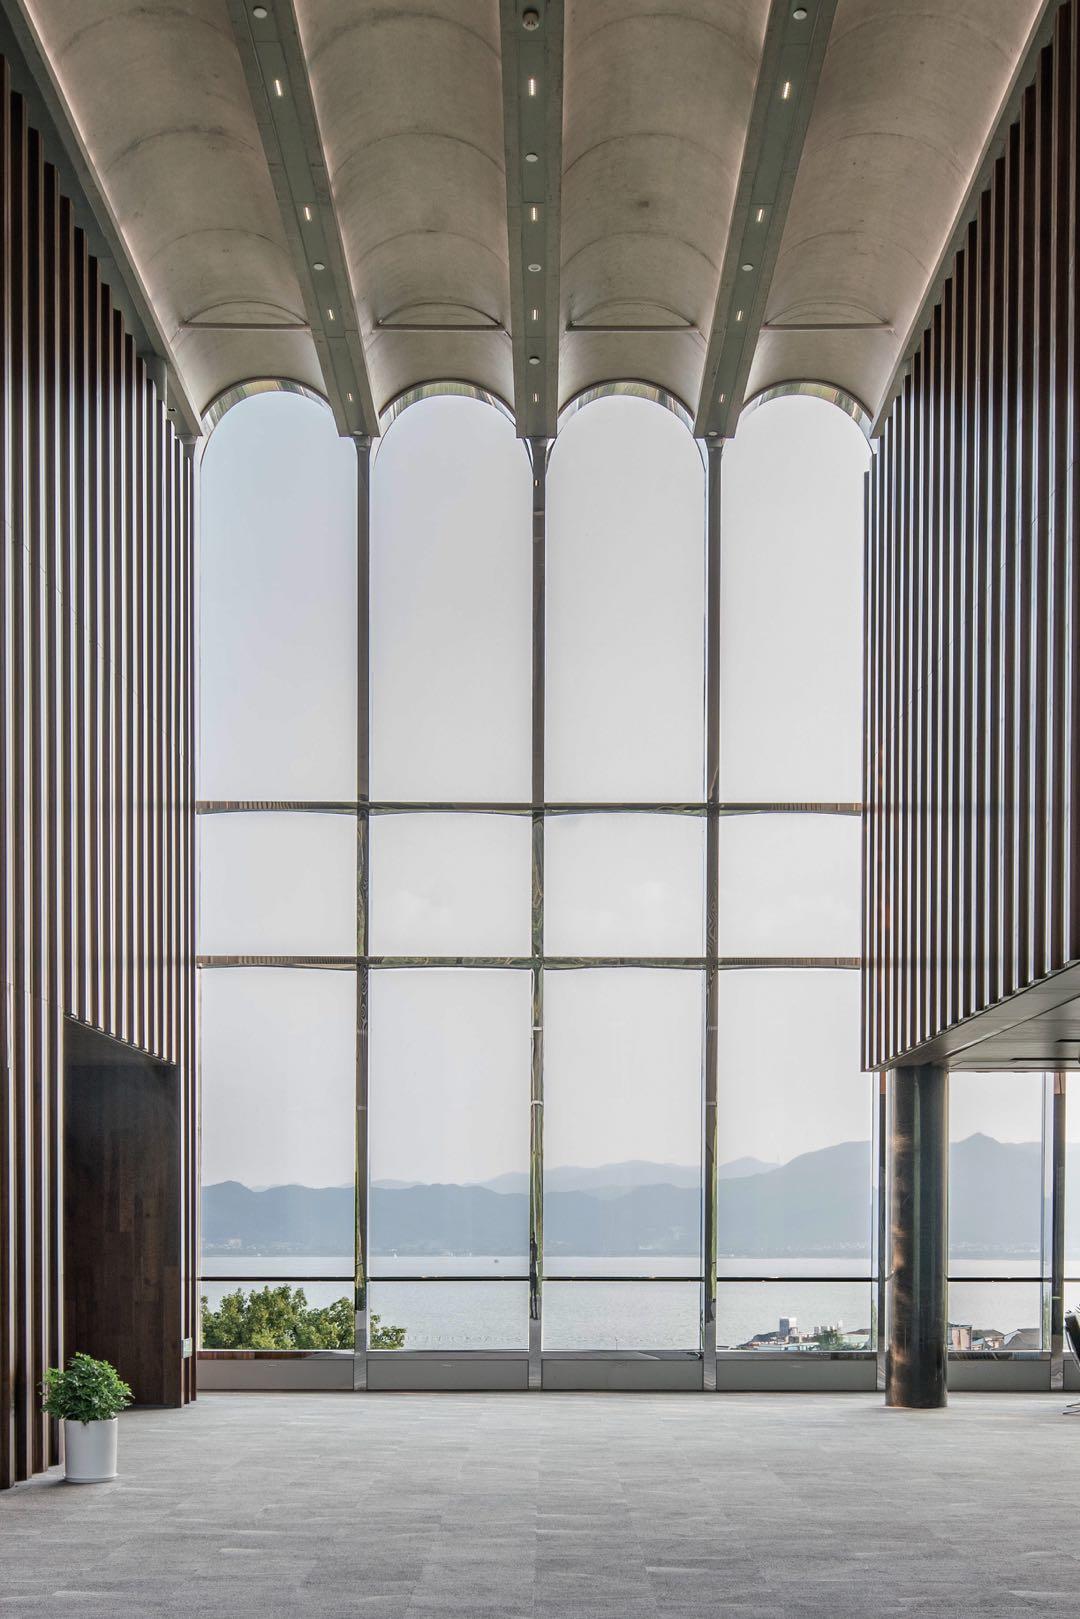 东楼大会议室休息厅的室内立面拱形元素  | 摄影:尹明